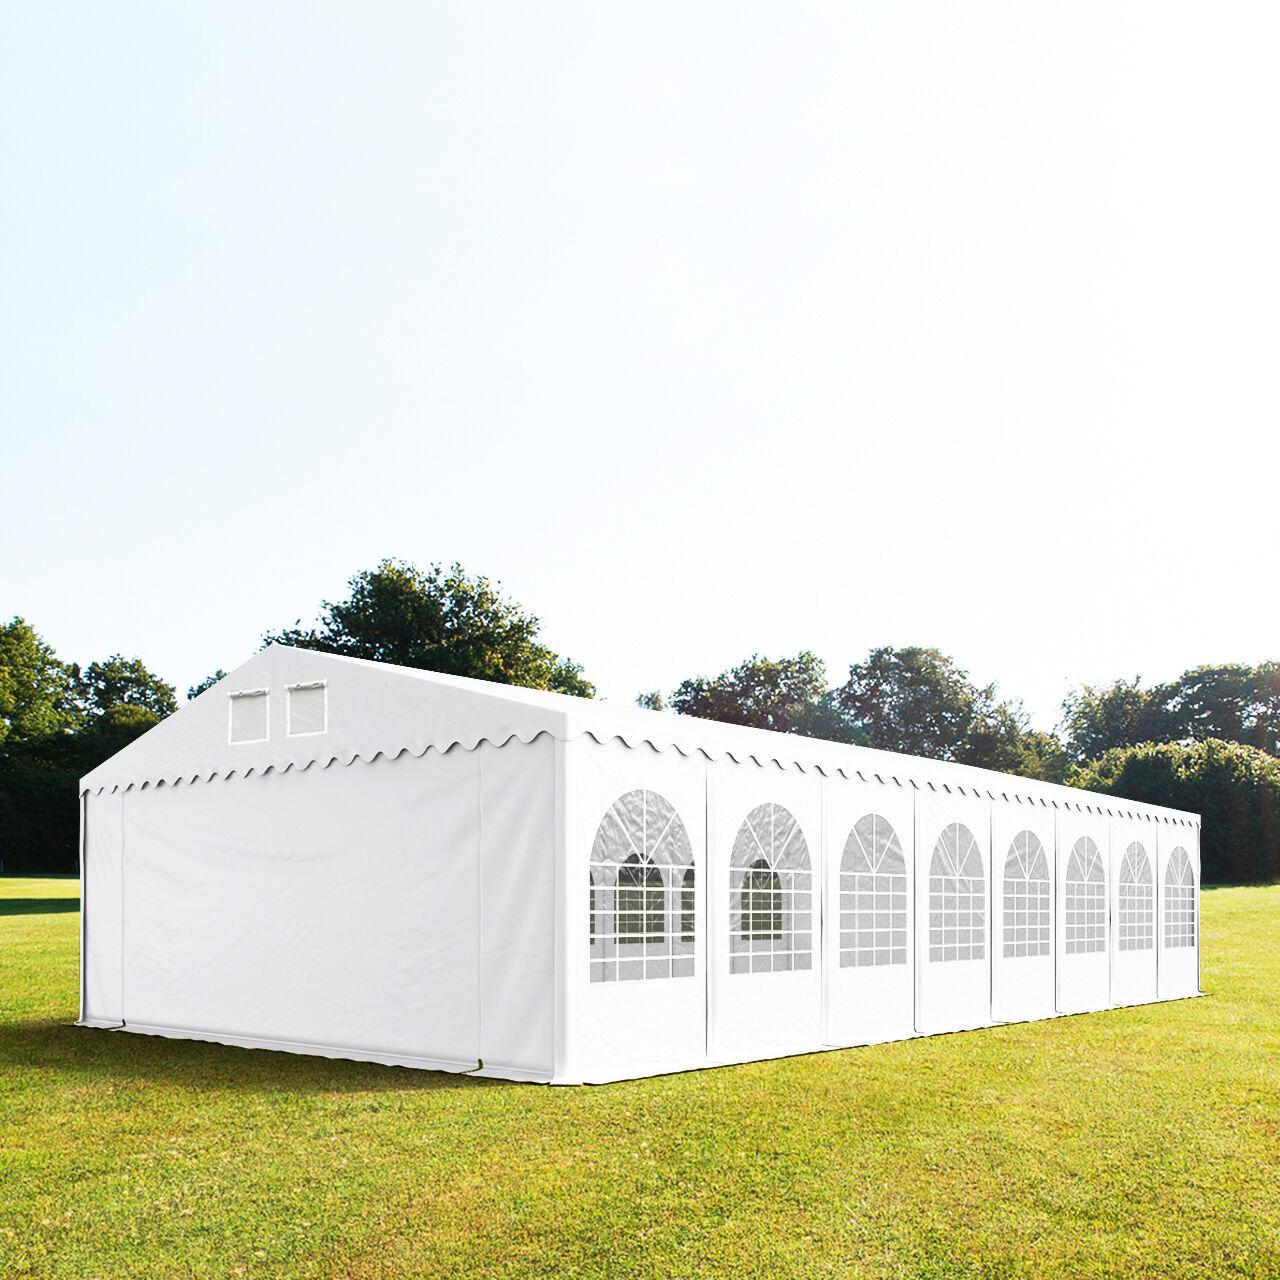 TOOLPORT Partytelt 7x26m PVC 550 g/m² hvid 100 % vandtæt Gartenzelt, Festzelt, Pavillon hvid